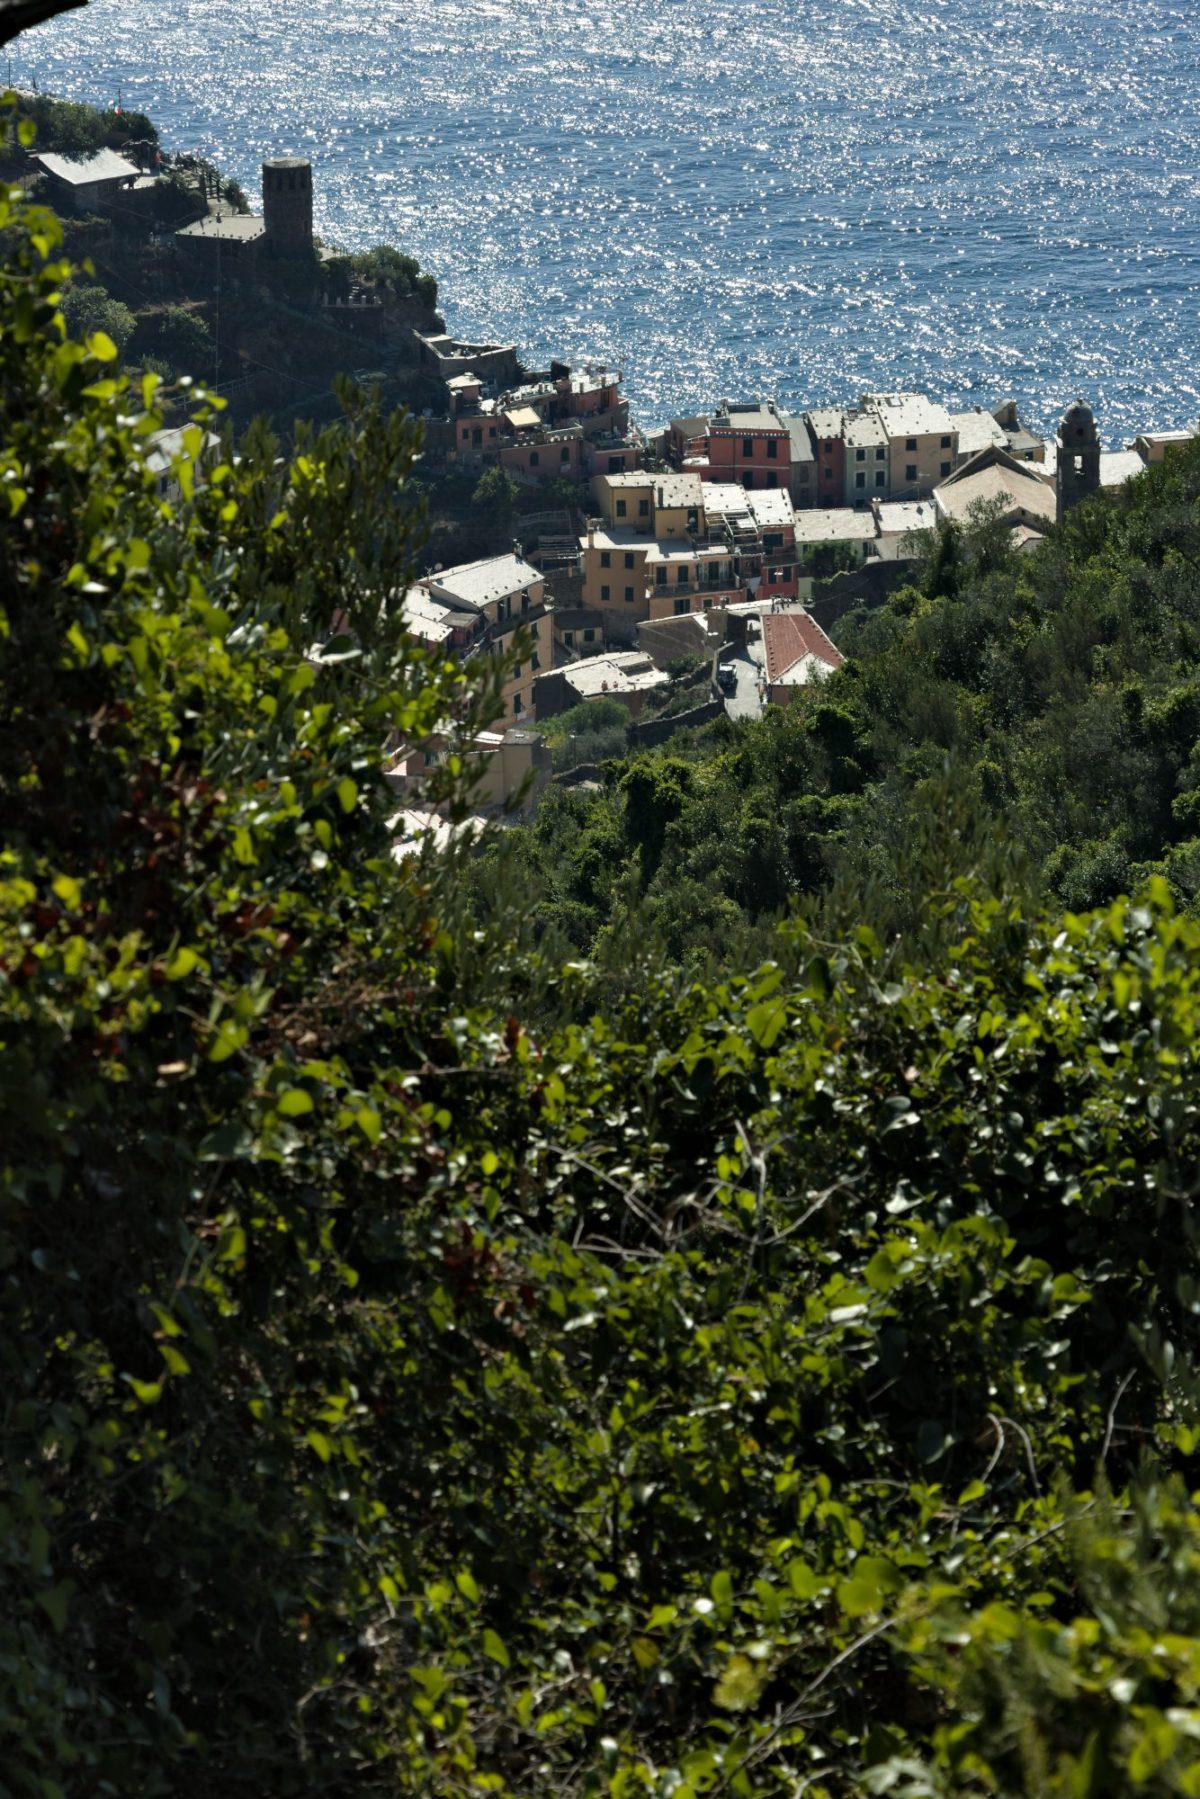 Il paese di Vernazza, Cinque Terre in una fotografia di Paolo Grassi